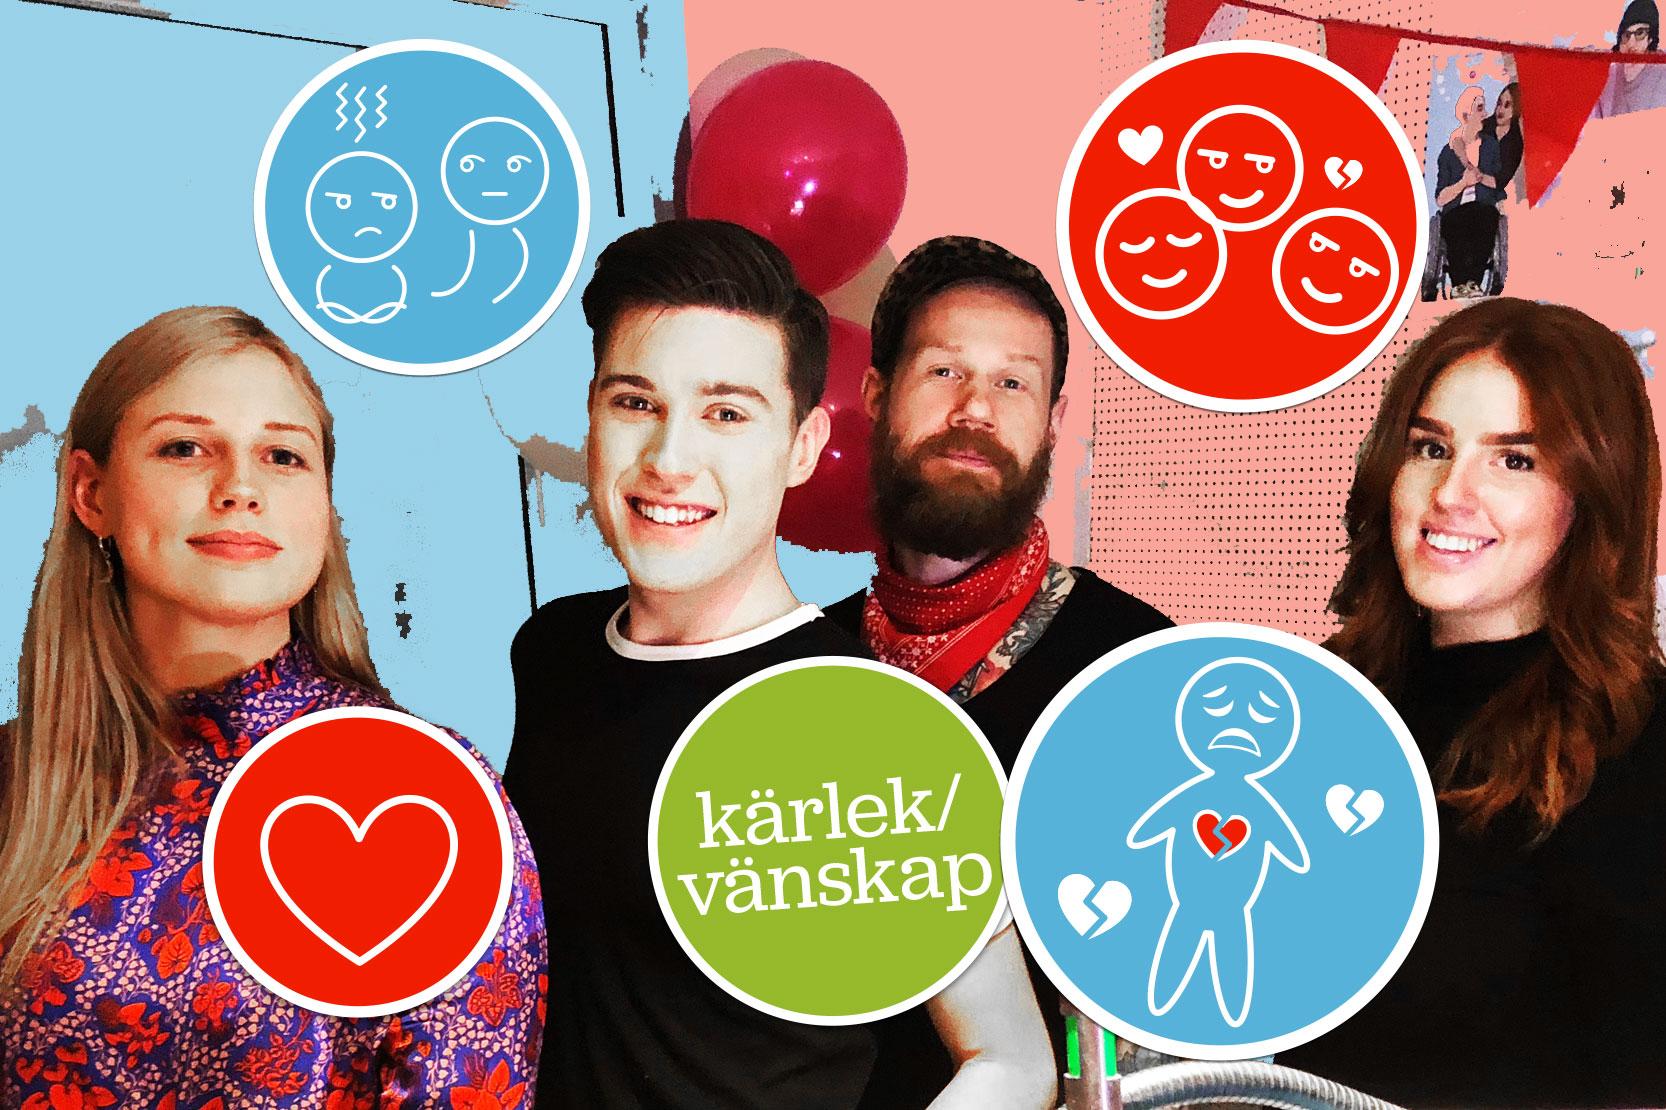 horor i gay västerås gratis datingsidor sverige